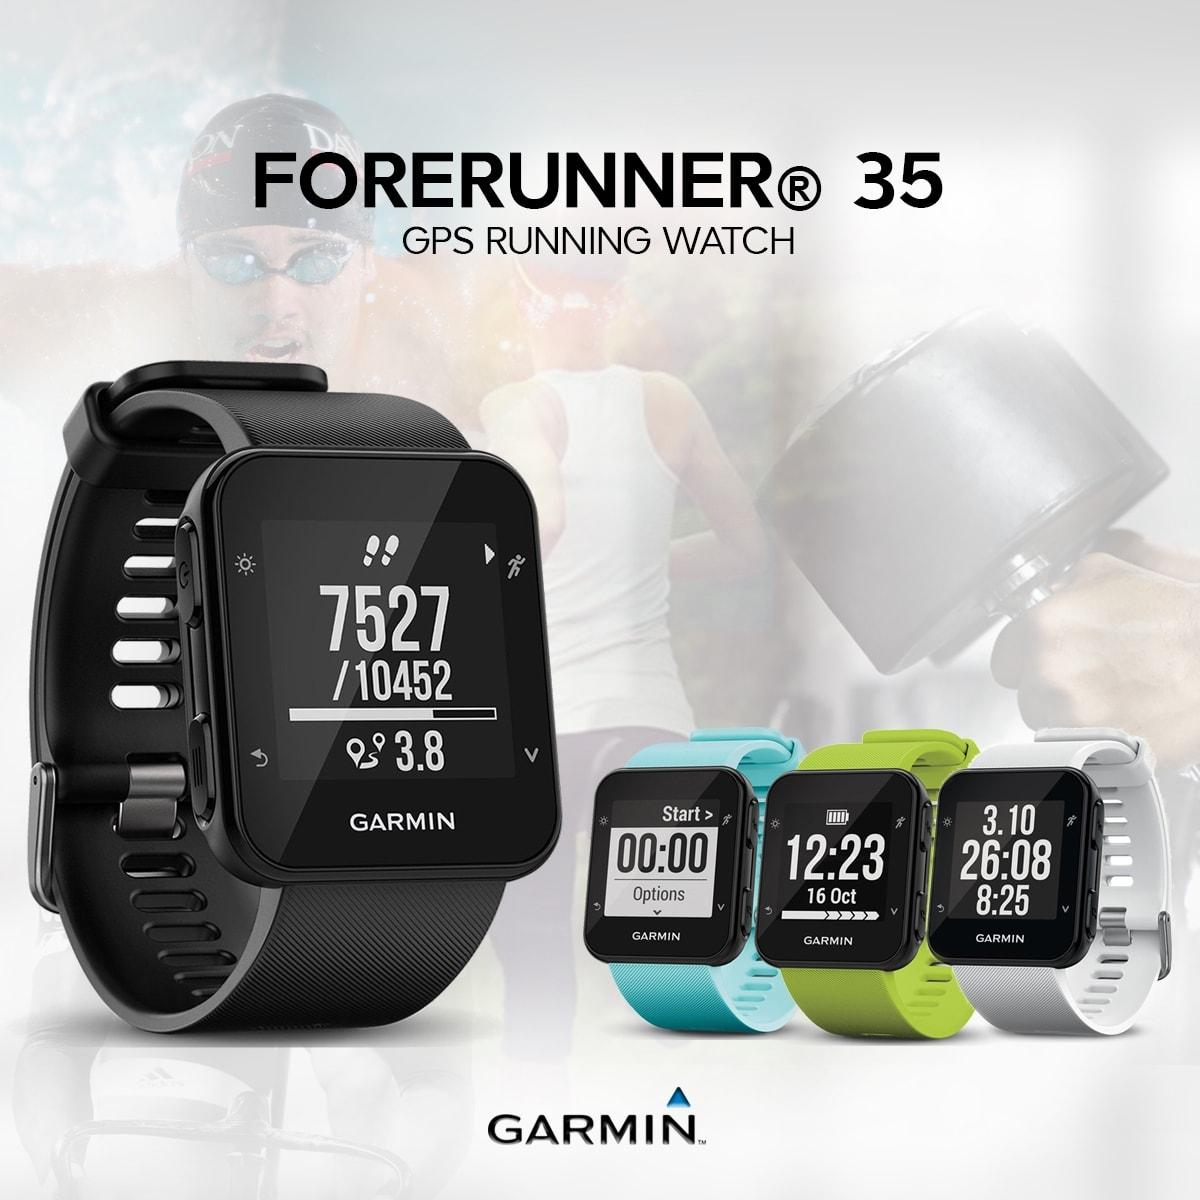 Forerunner® 35